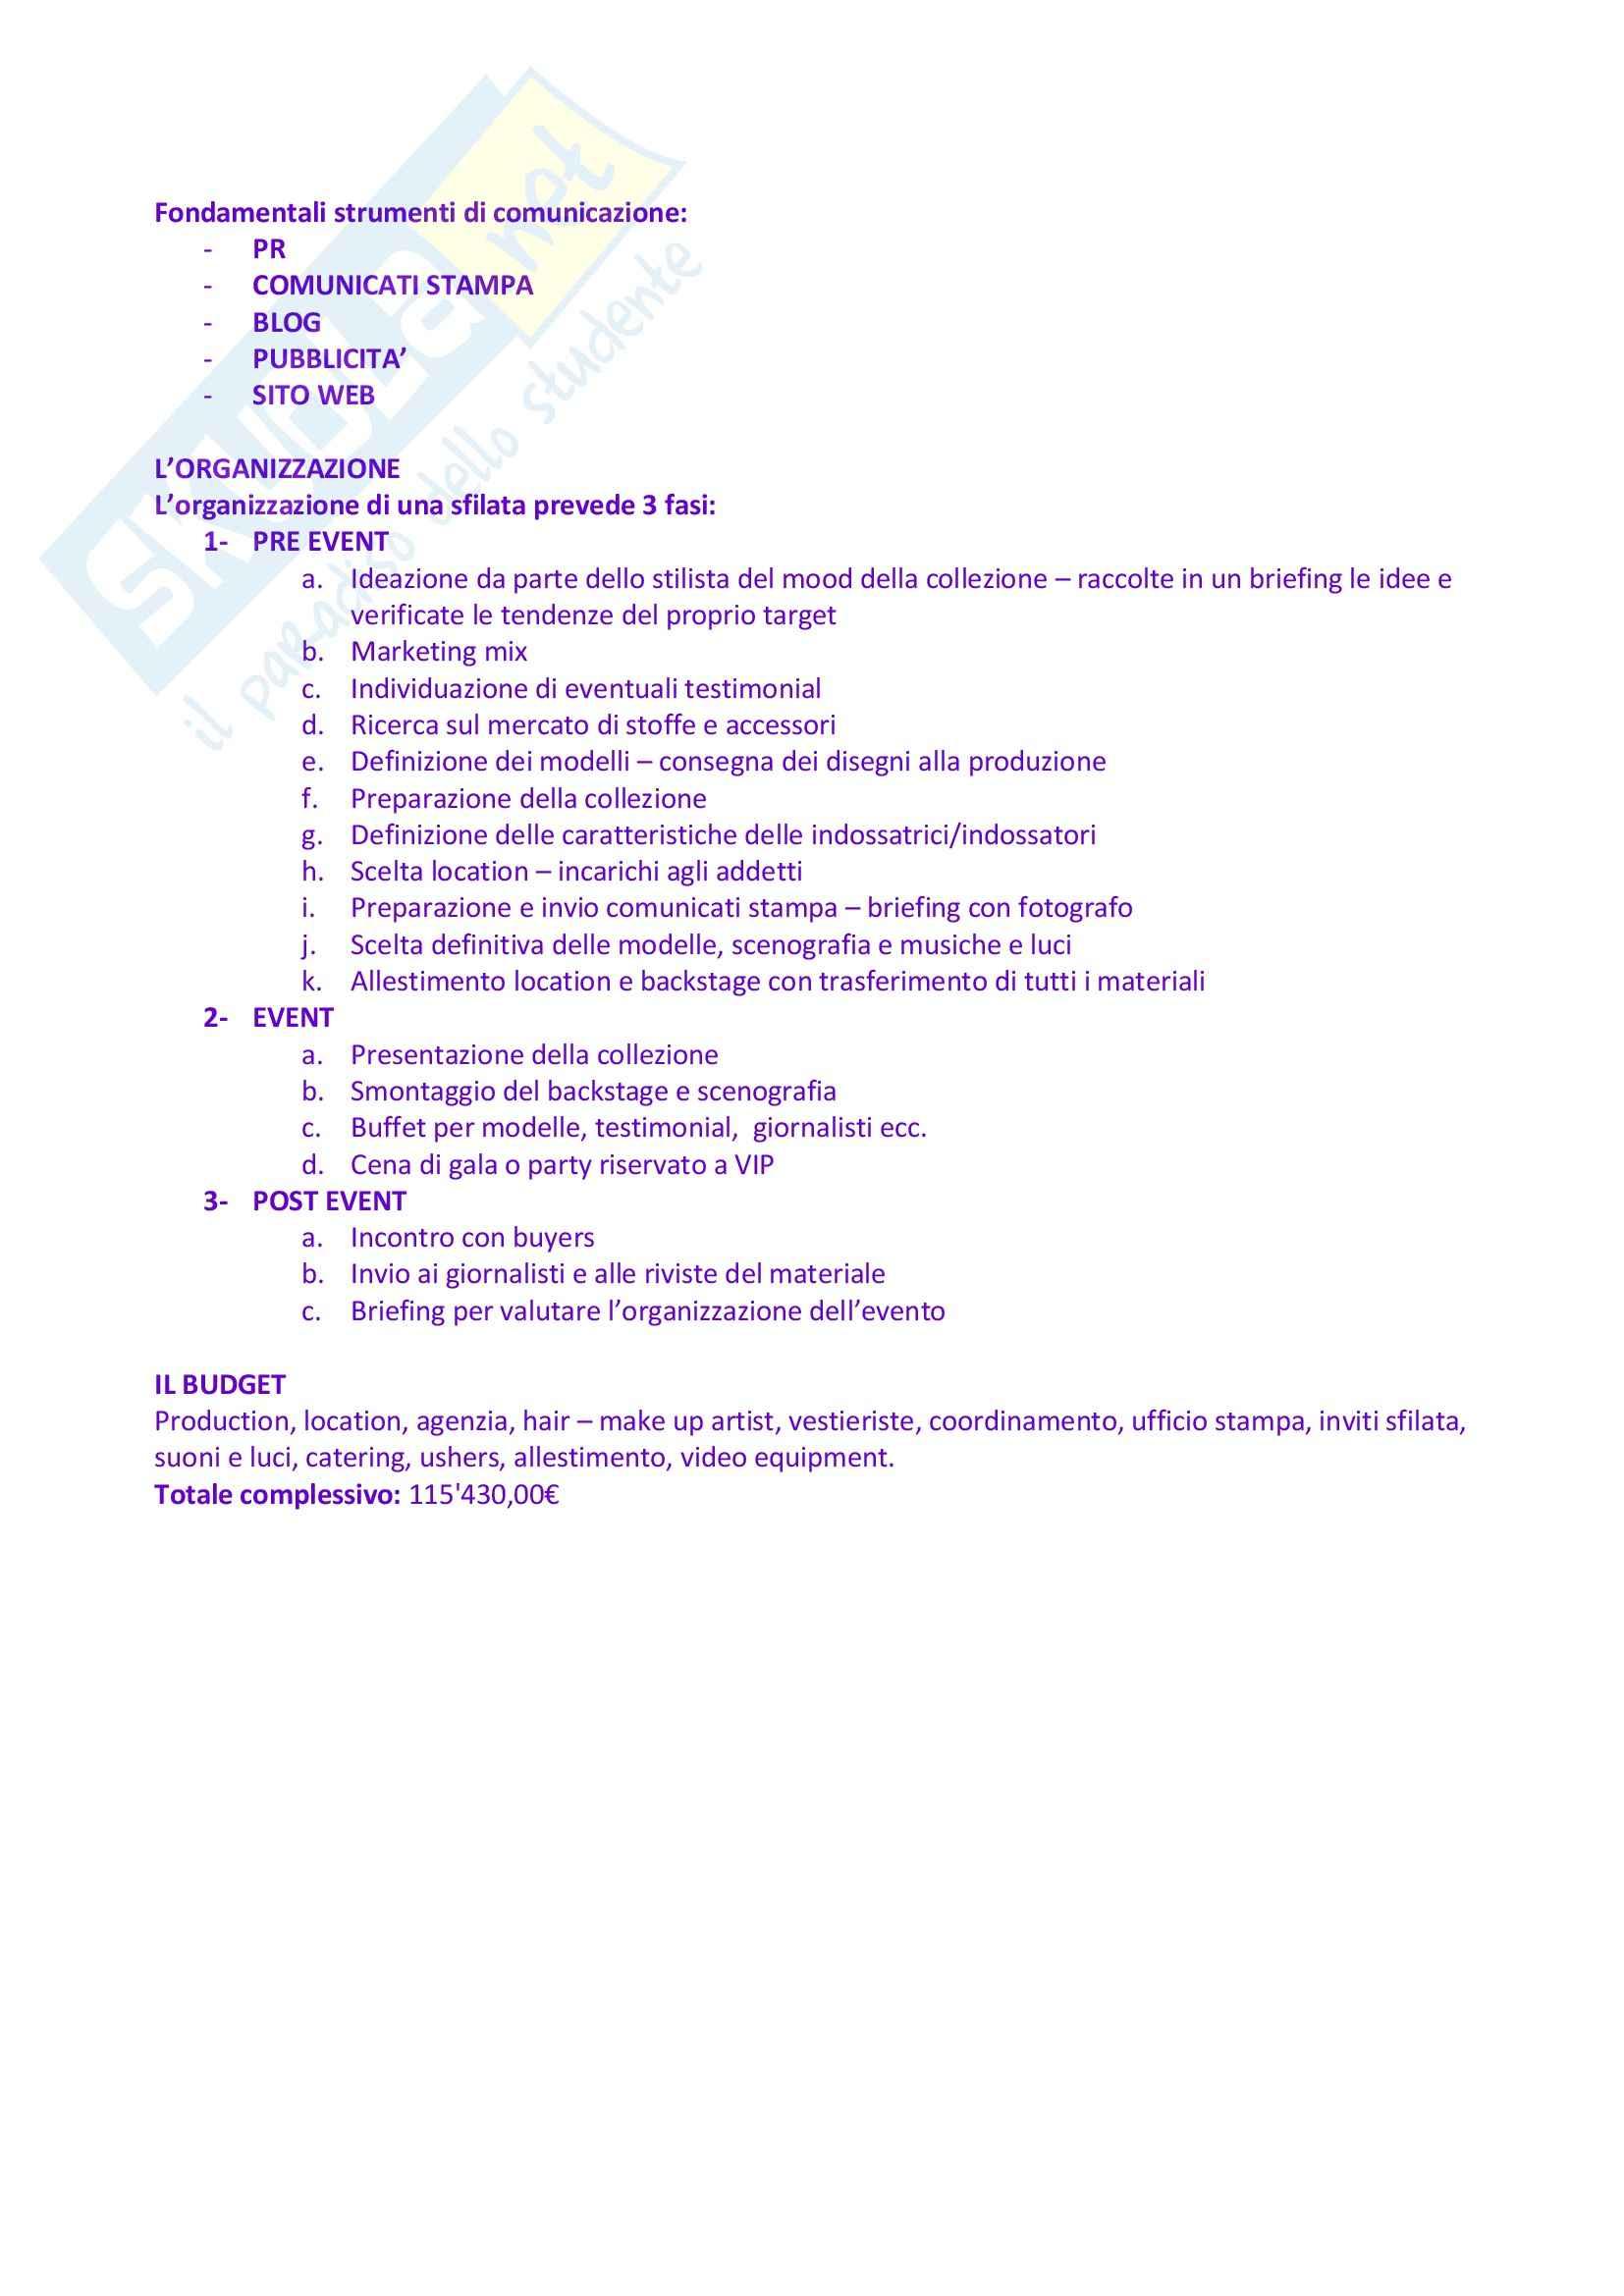 Riassunto esame Organizzazione e Gestione degli Eventi e dello Spettacolo, prof. Monno, libro consigliato Organizzare Eventi, Tavalazzi, Regina Pag. 21